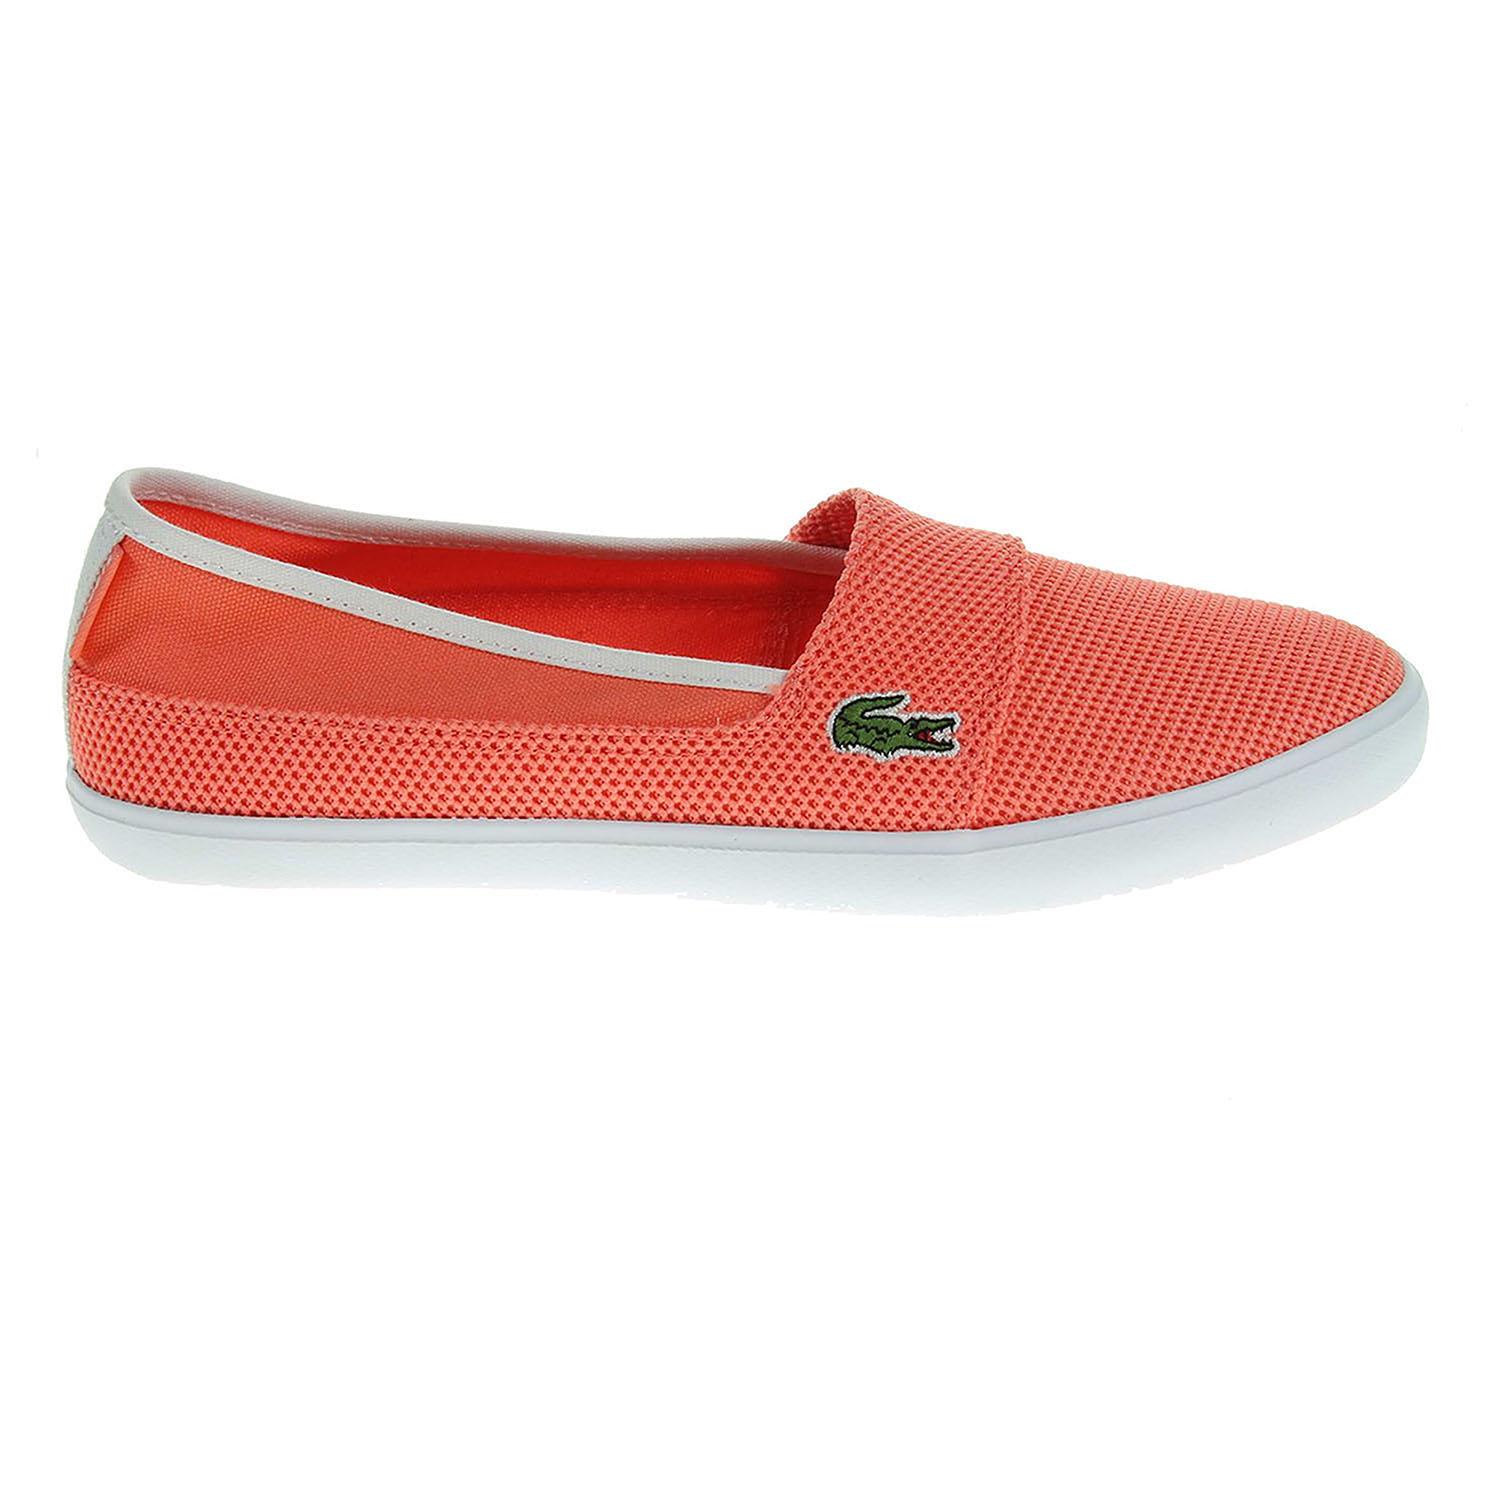 Lacoste Marice dámská obuv oranžová 41